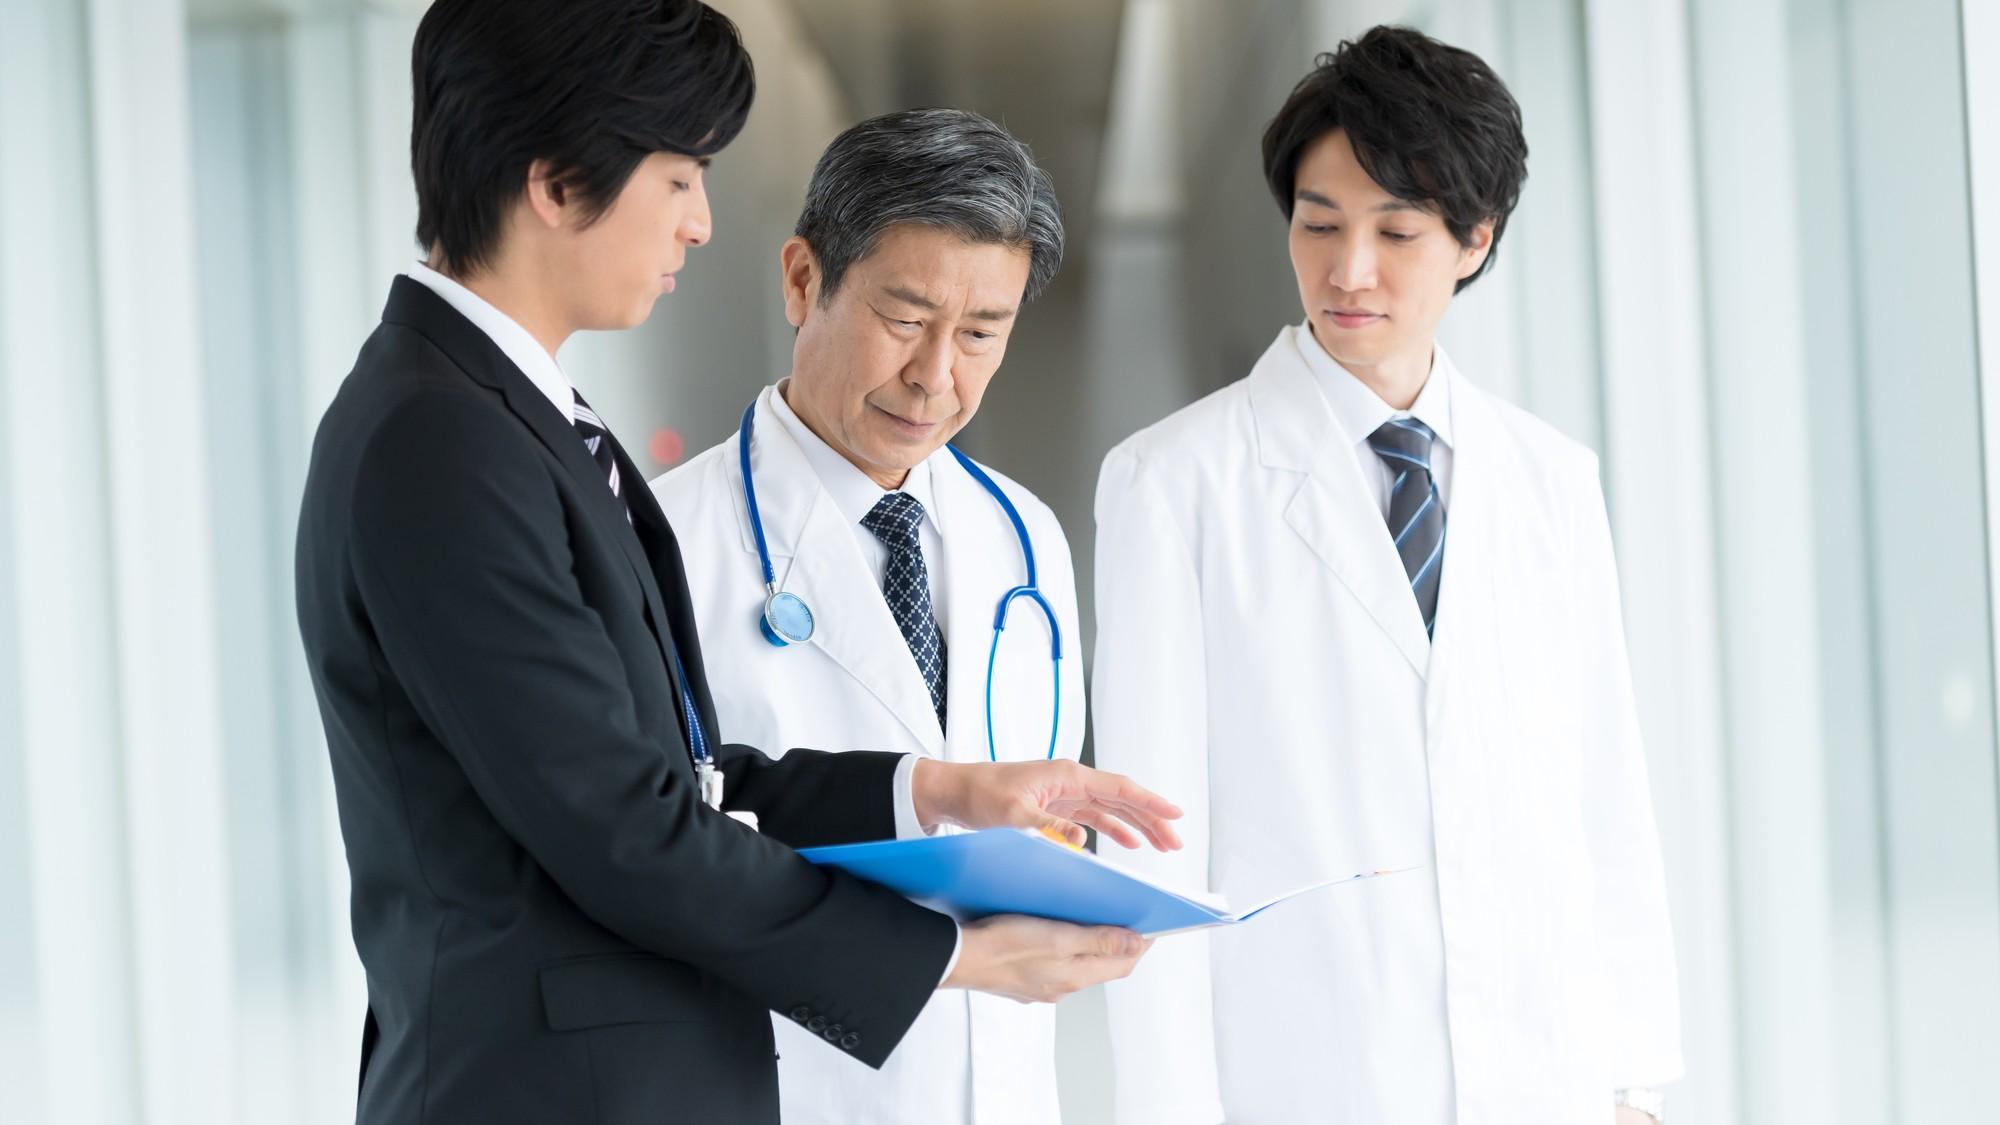 「医師も知らない」治験コーディネーターの仕事…現場の声